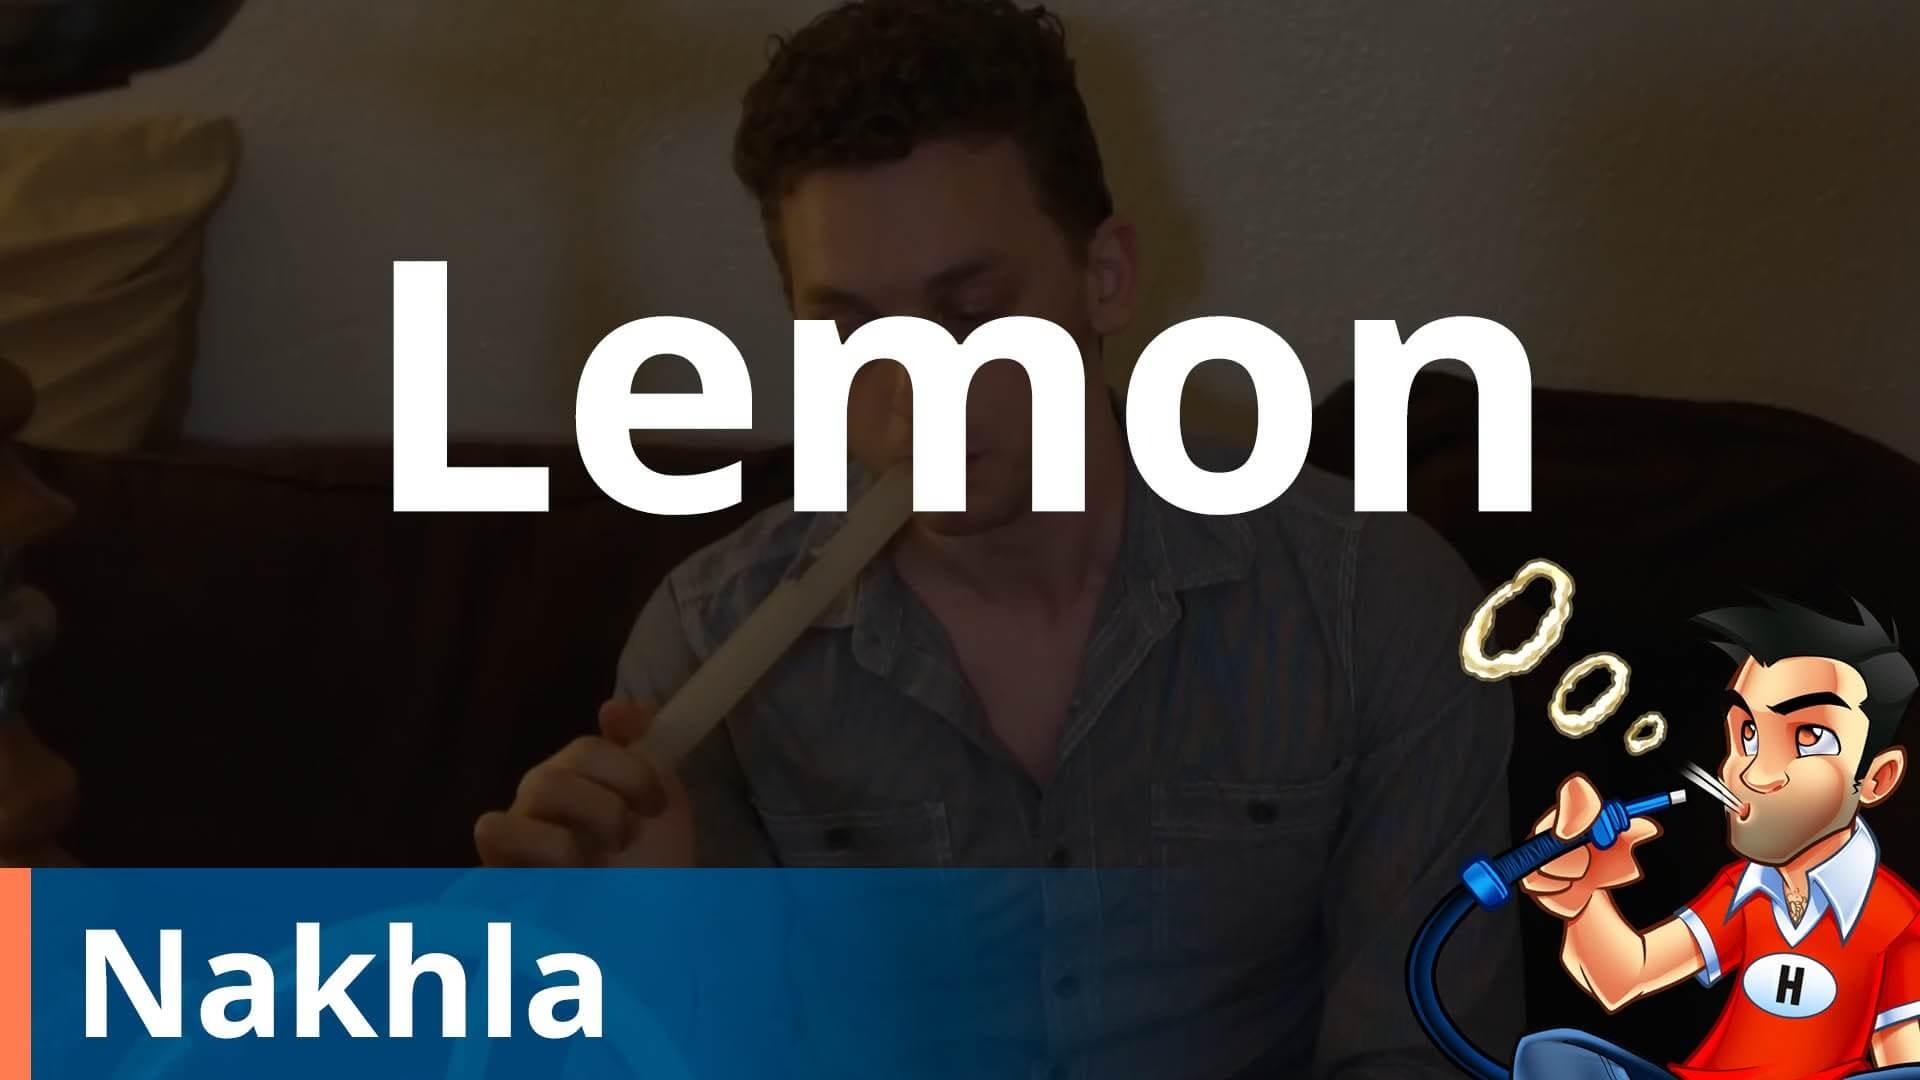 Nakhla Lemon Shisha Review